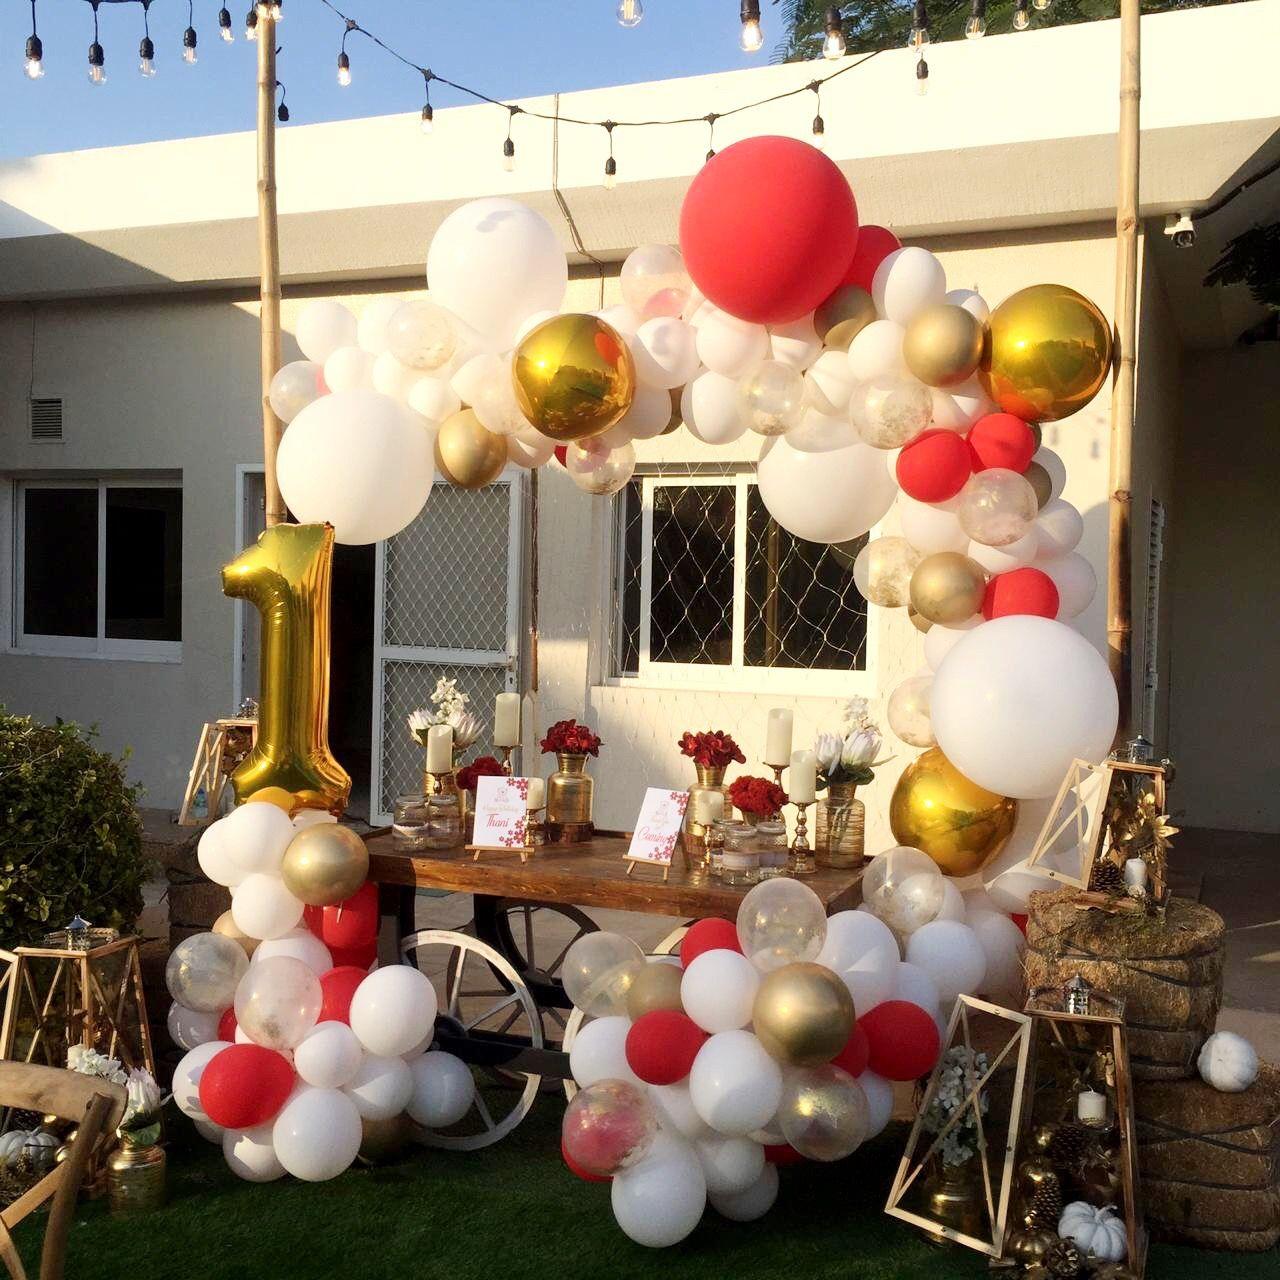 Χριστουγεννιάτικη σύνθεση με μπαλόνια CHRISTMAS ORGANIC 2